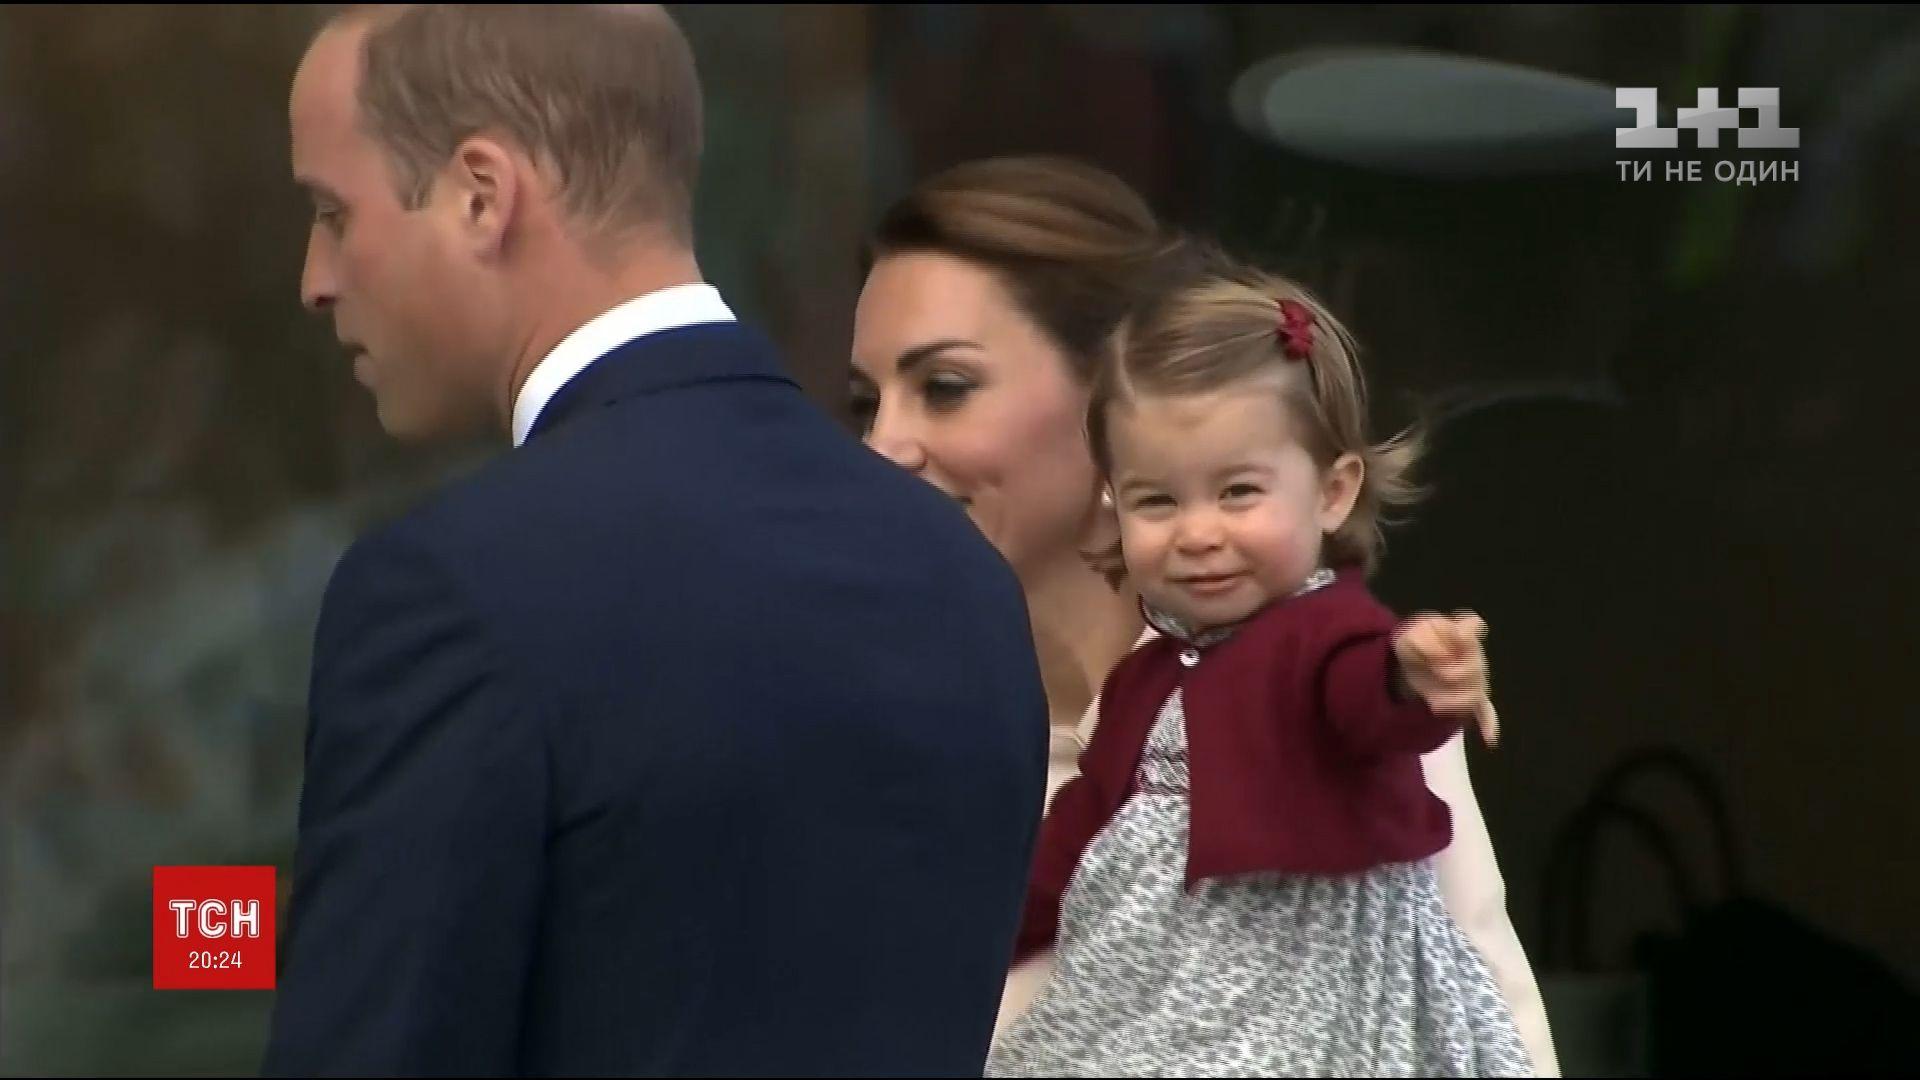 Принц Вільям і герцогиня Кейт Міддлтон в третій раз стануть батьками /